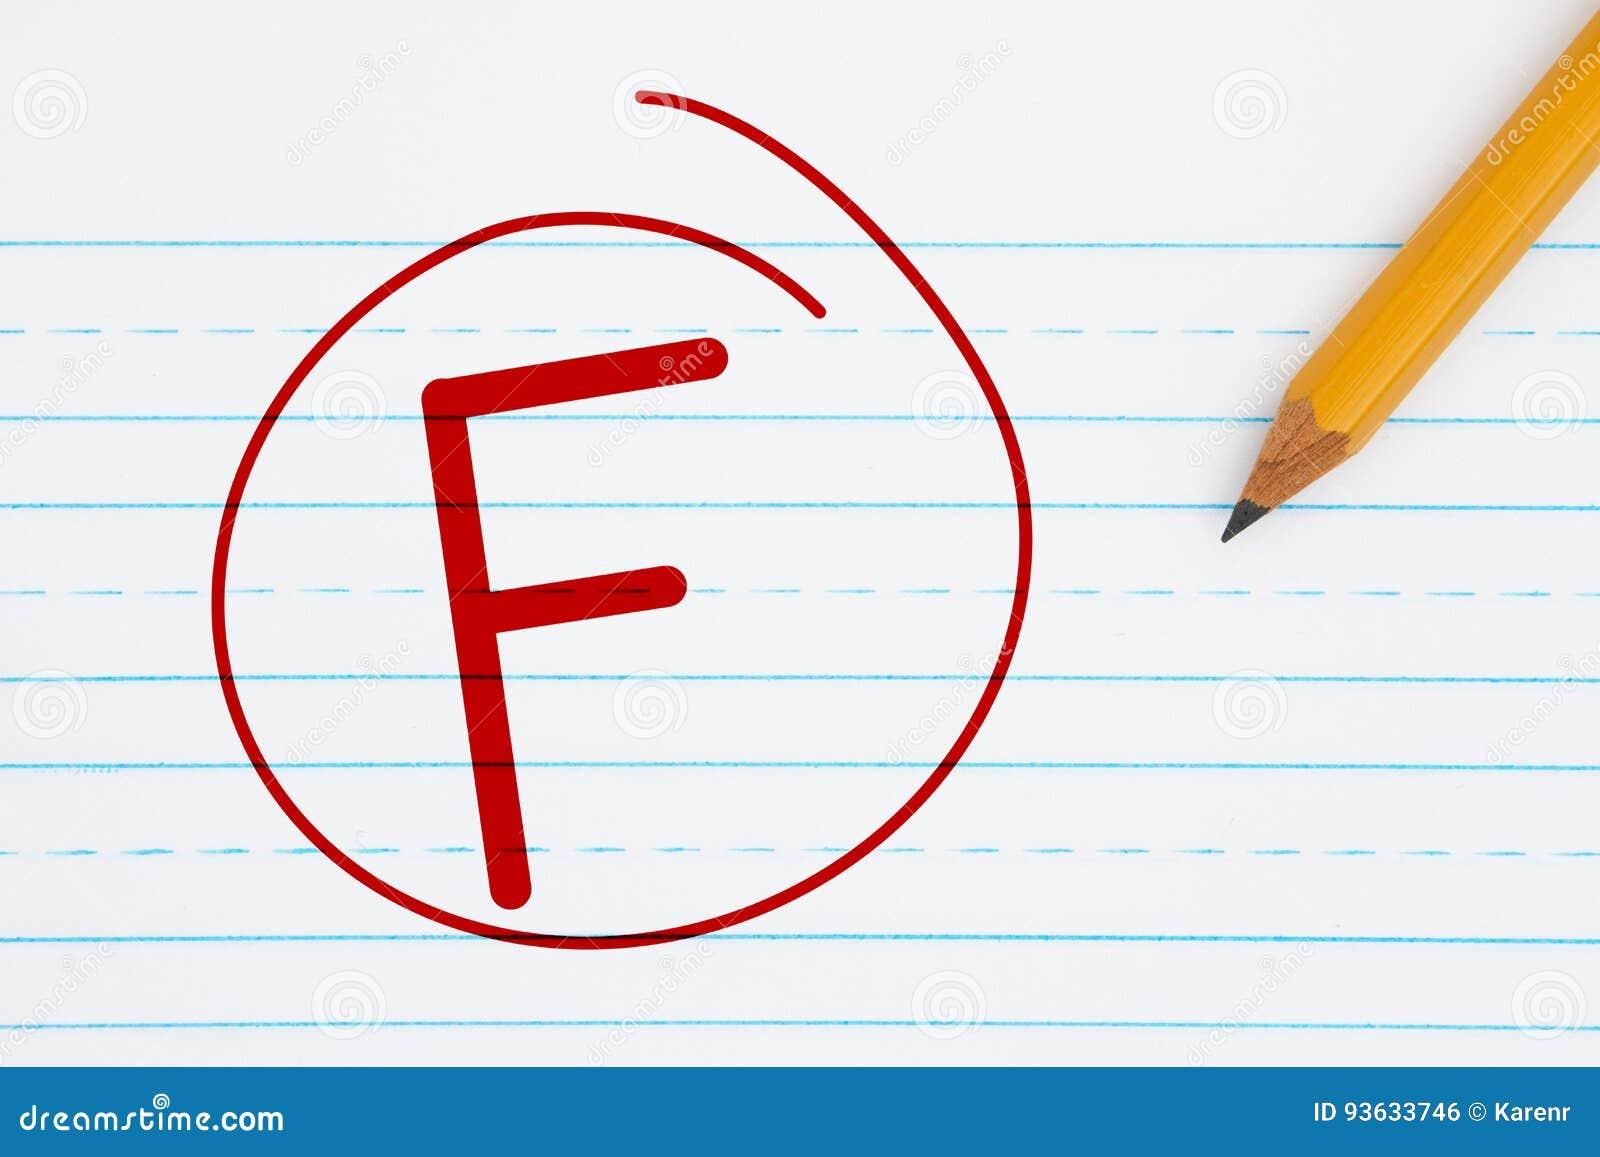 Παίρνοντας έναν βαθμό Φ ένας αποτυχών βαθμός